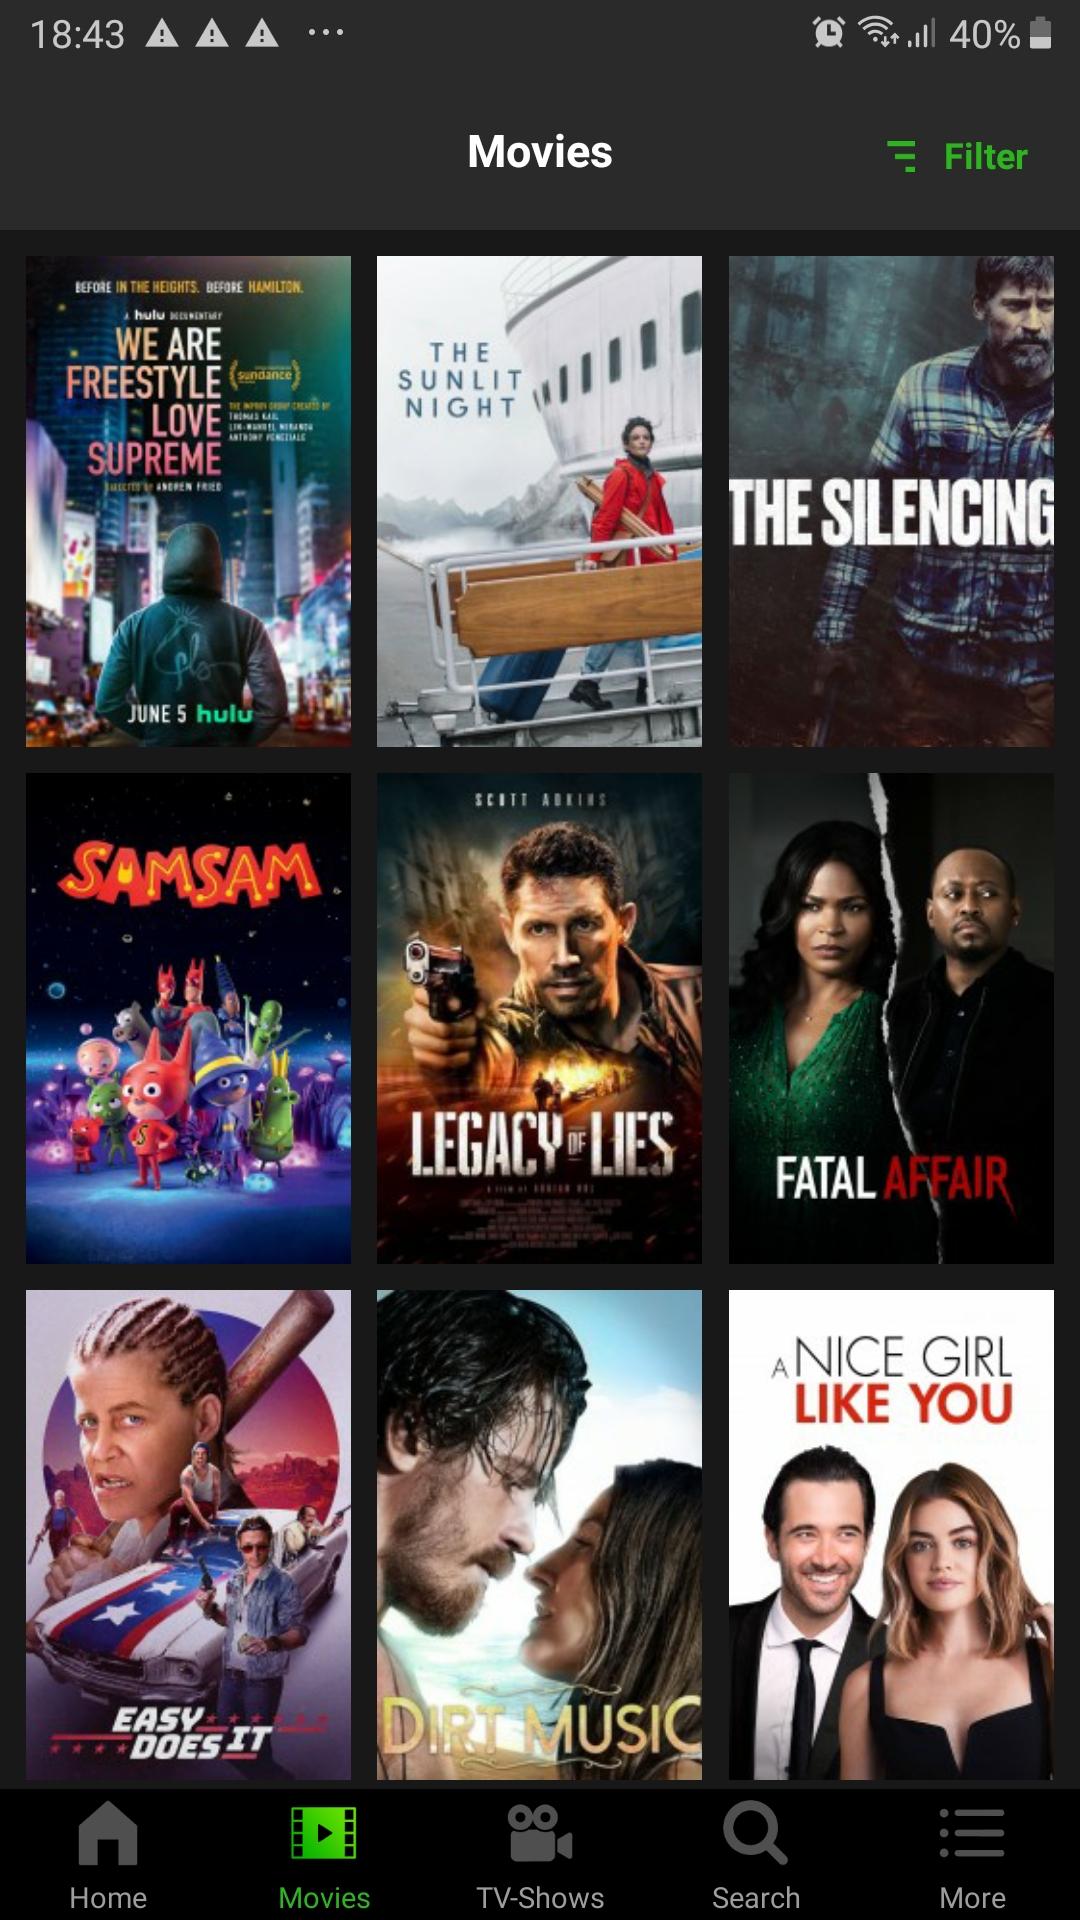 شاهد جميع محتوى Netflix متعدد الجودات على تطبيق CineHub مع جميع لغات الترجمة على الأندرويد